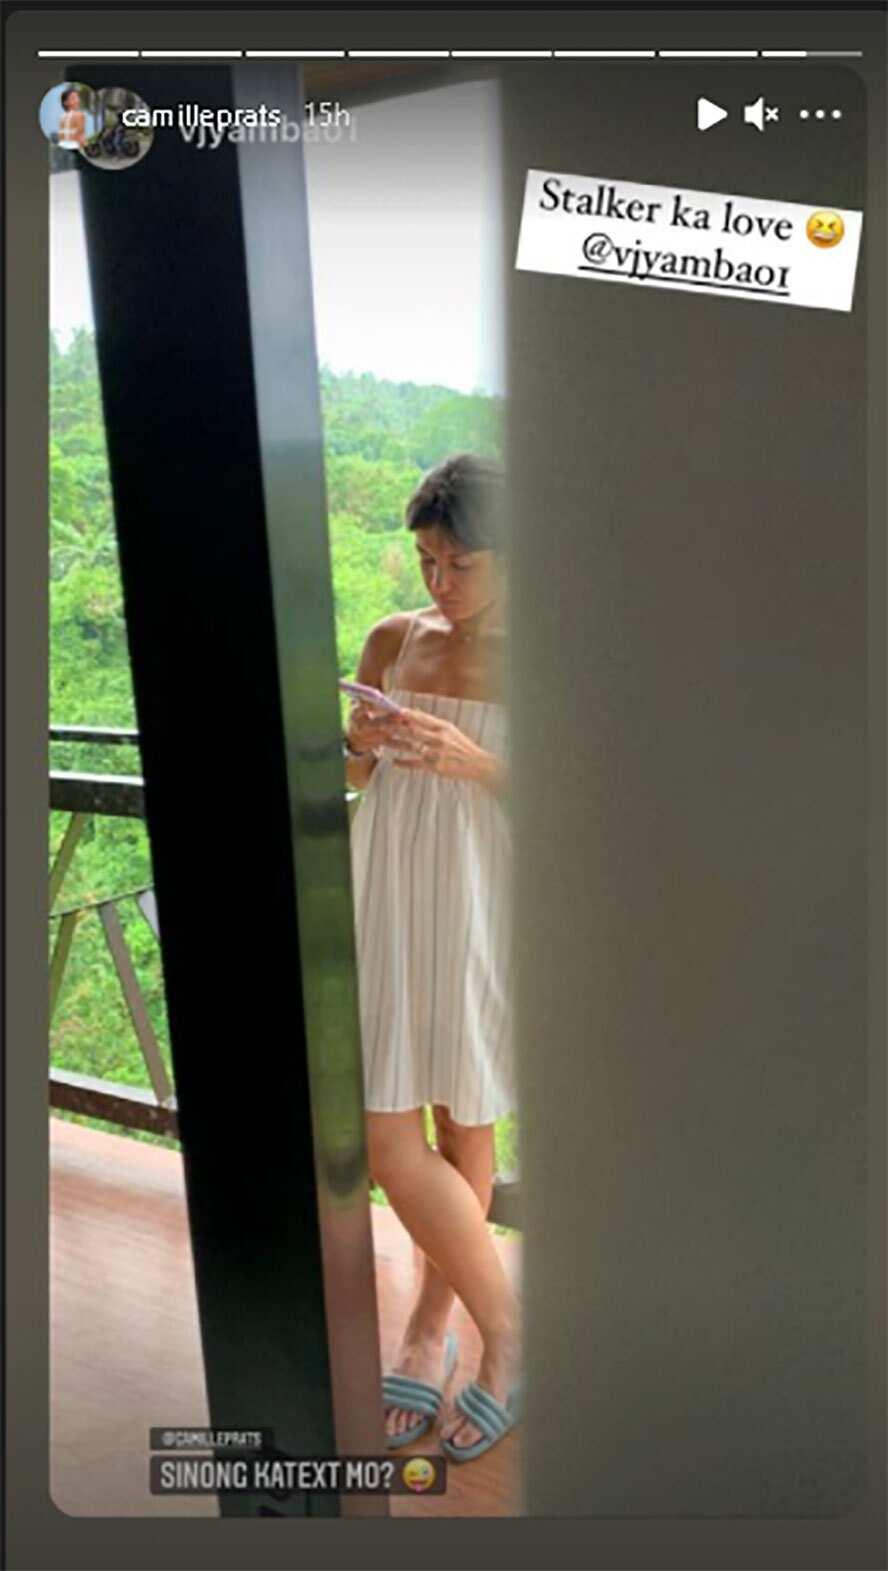 Camille Prats, ni-repost ang post ng asawa na nagtatanong kung sino ka-text ng aktres